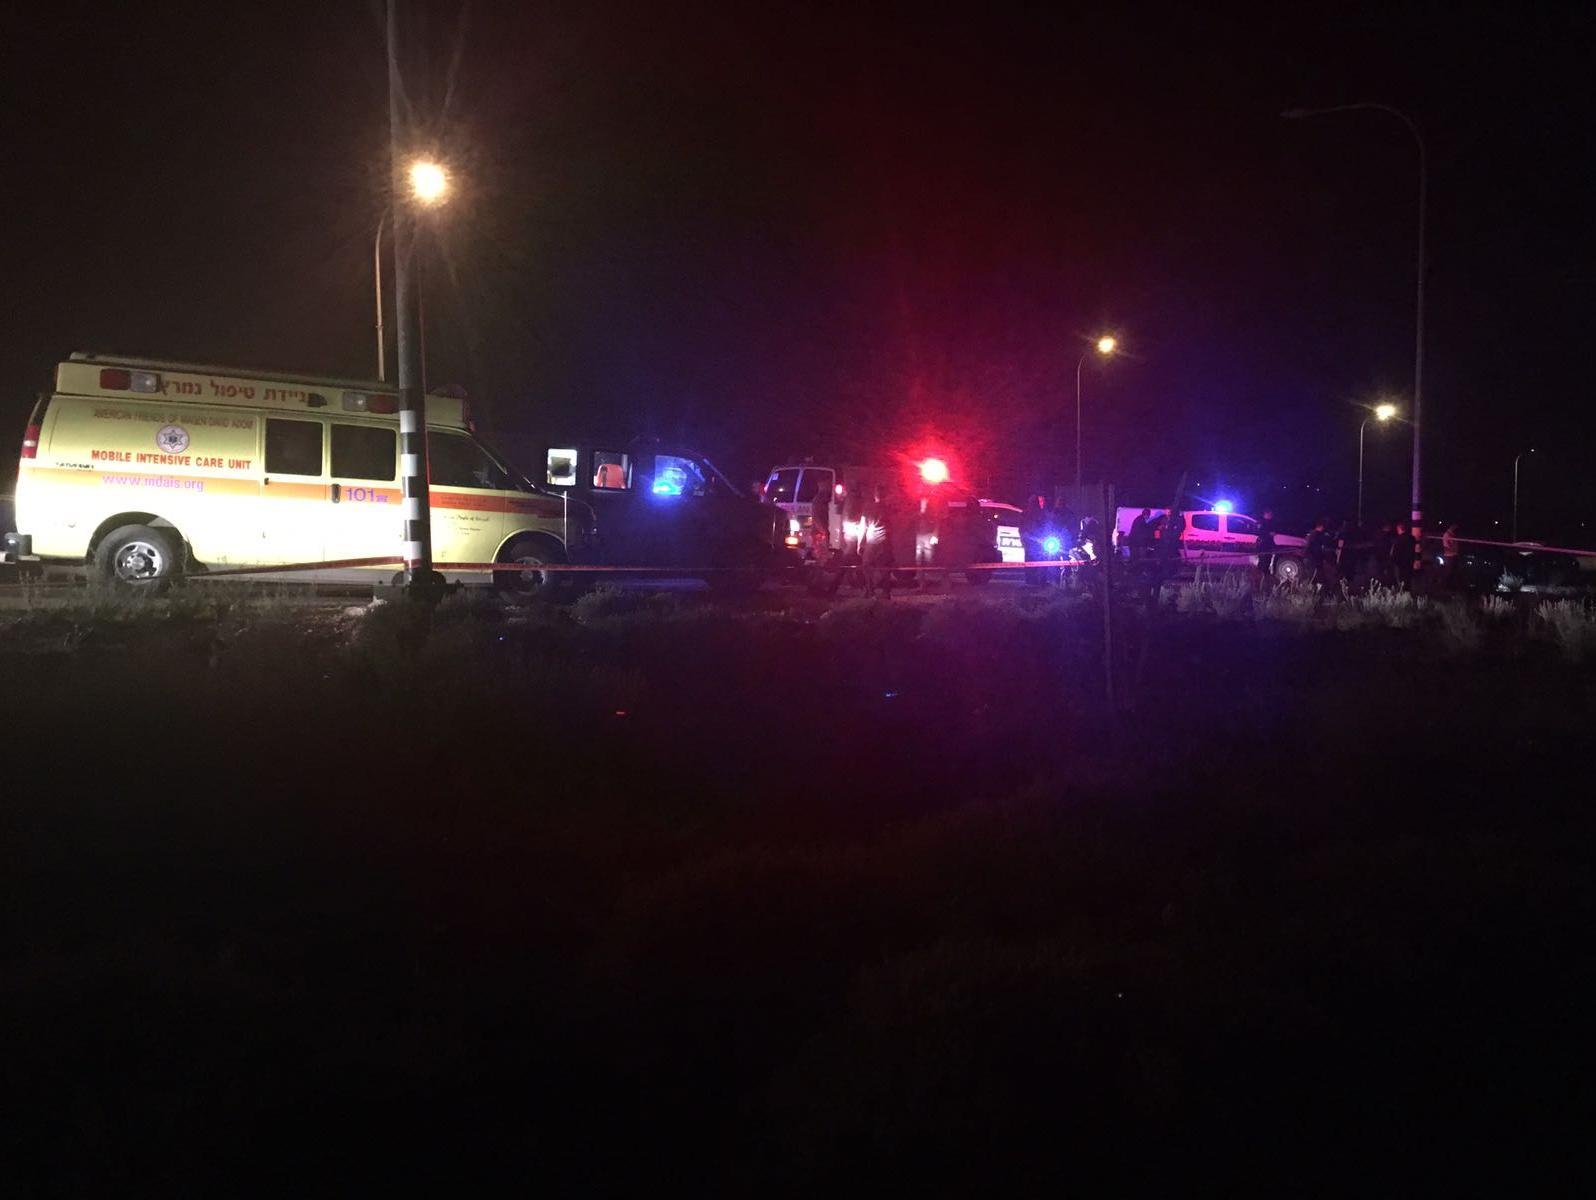 הקטל בדרכים נמשך: שני צעירים נהרגו בתאונות דרכים שונות